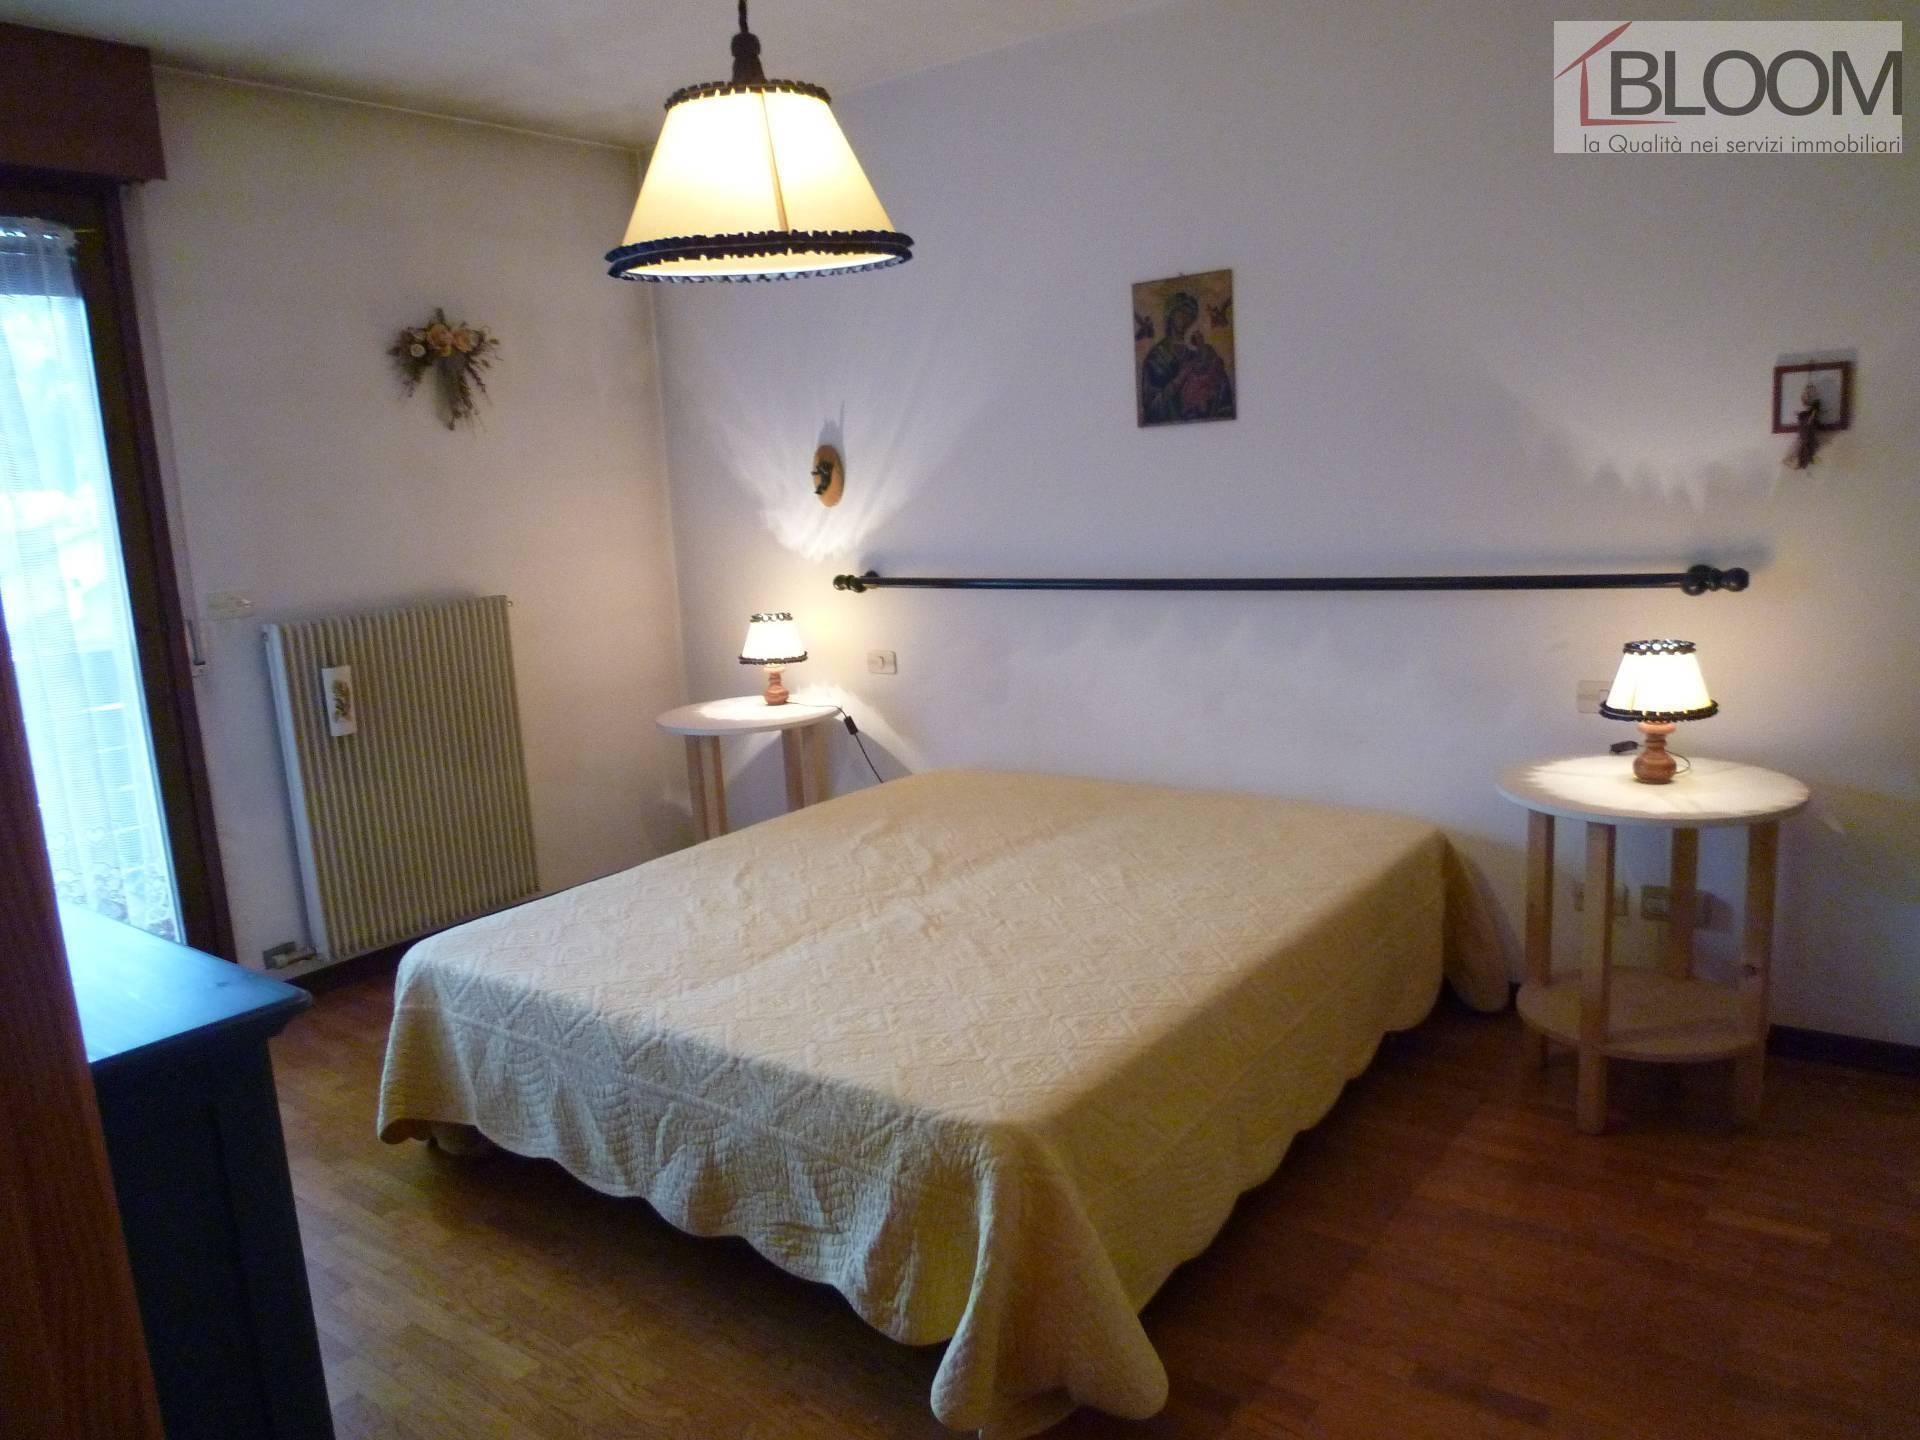 Appartamento in vendita a Pieve di Cadore, 4 locali, zona Località: TaidiCadore, prezzo € 130.000   PortaleAgenzieImmobiliari.it